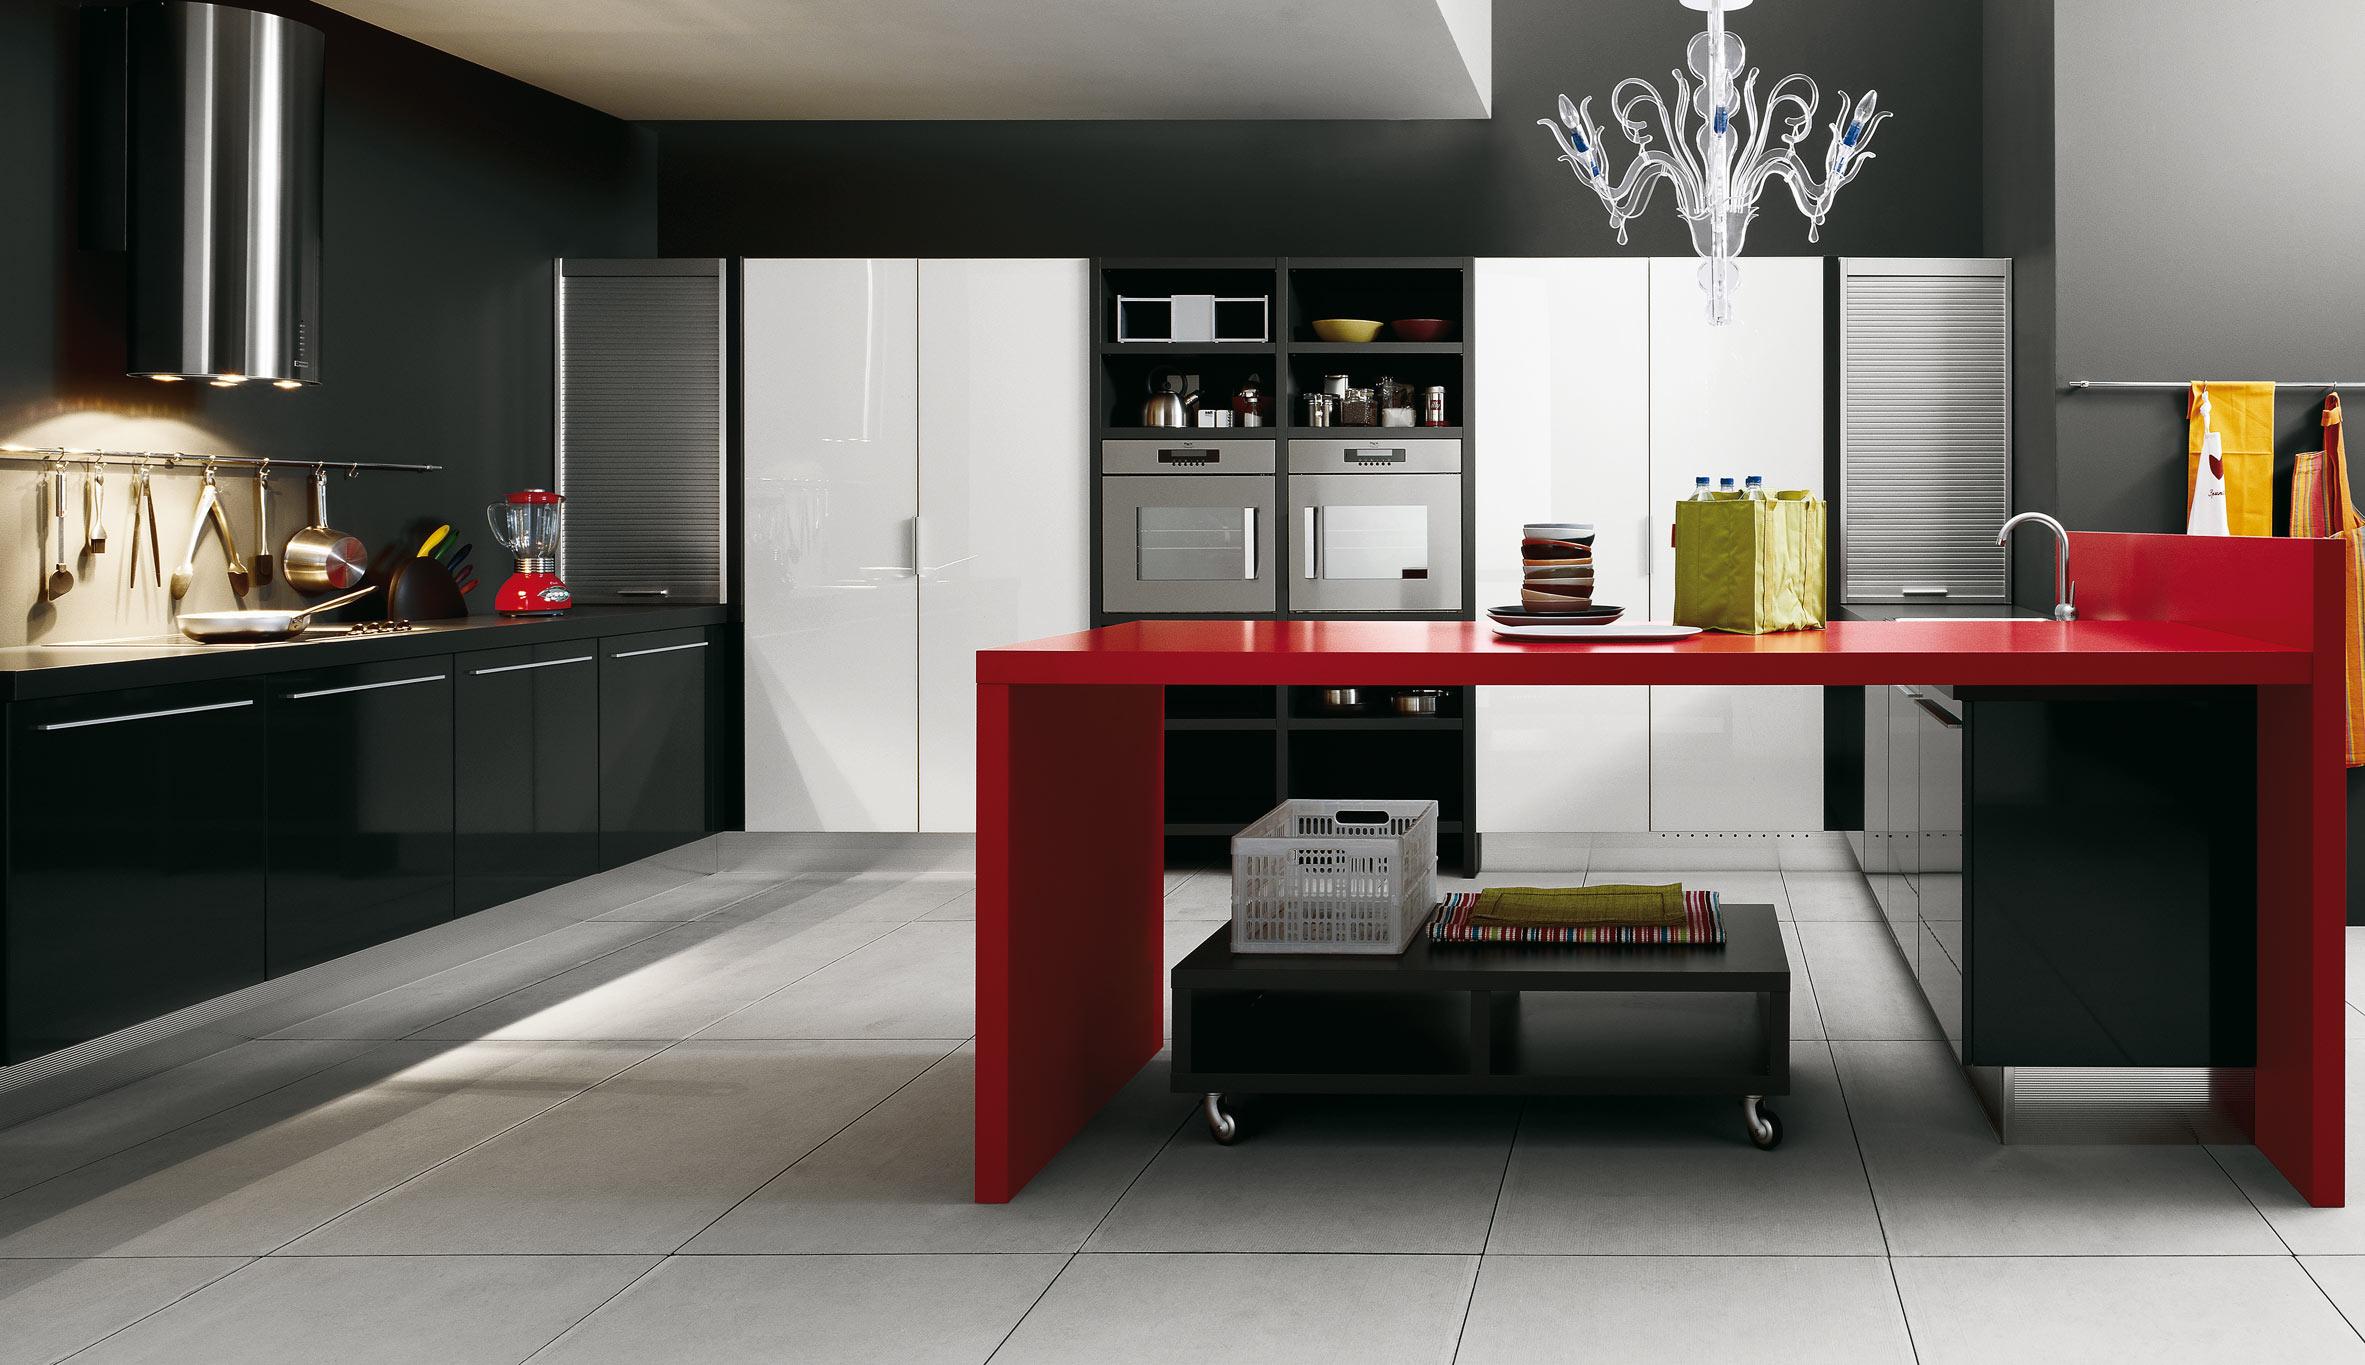 sleek custom kitchens perth wa kustom interiors wangara